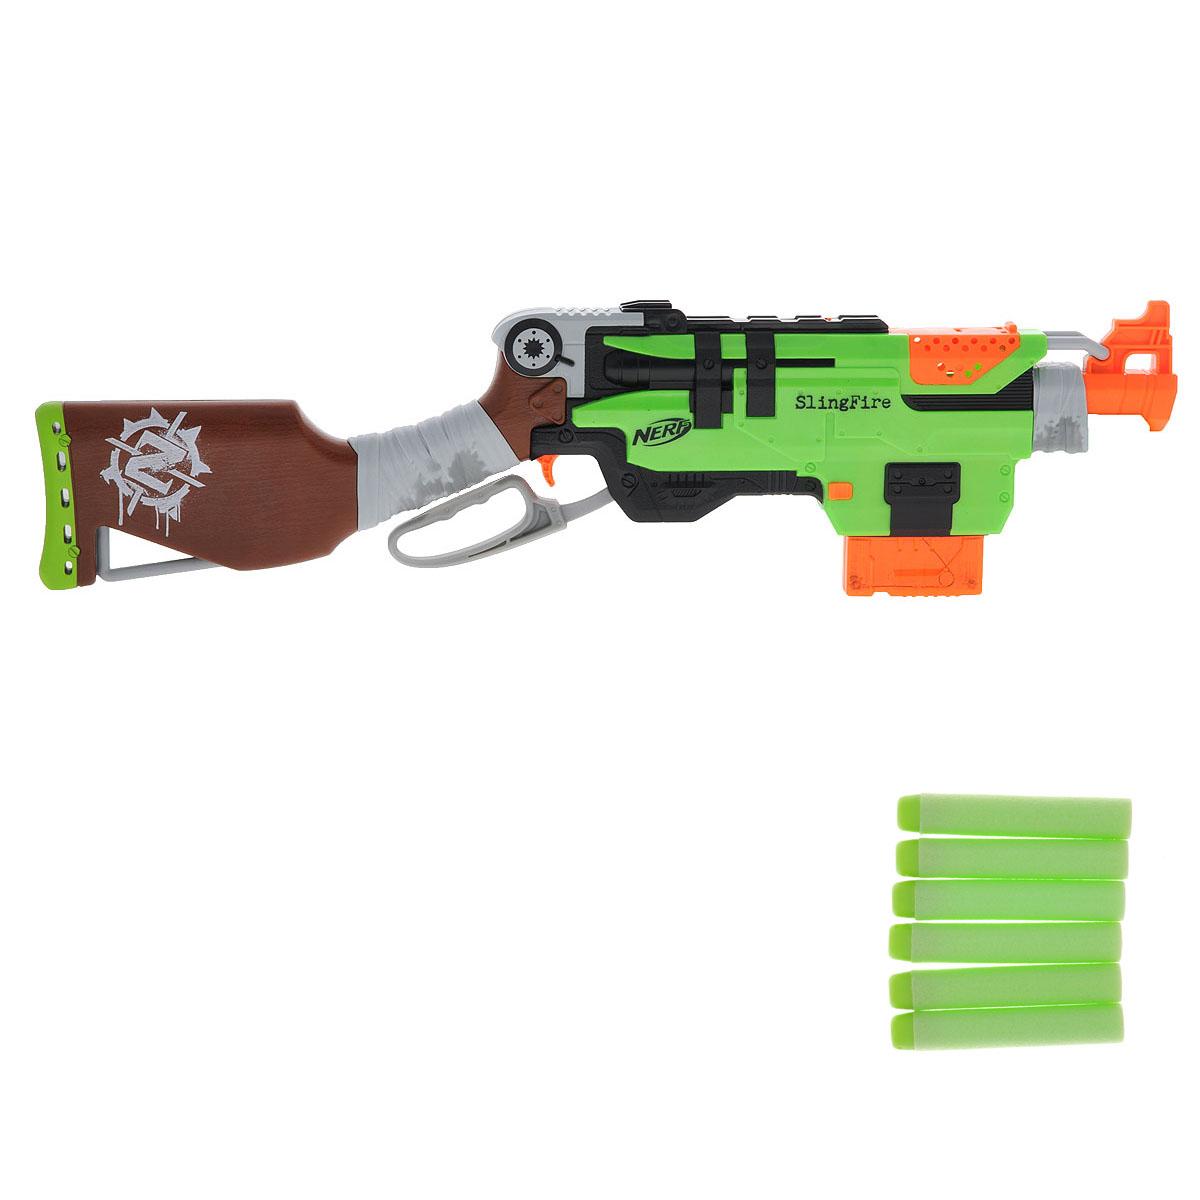 Бластер Nerf Zombie Strike: Slingfire, с патронами, цвет: салатовый, коричневый, оранжевыйA6563EU4Бластер Nerf Zombie Strike: Slingfire позволит вашему ребенку почувствовать себя во всеоружии! Он выполнен из яркого прочного пластика салатового, коричневого и оранжевого цветов. Стреляет путем нажатия на курок на расстояние свыше 22 метров. Комплект включает в себя шесть патронов, выполненных из гибкого вспененного полимера. Игра с таким бластером поможет ребенку в развитии меткости, ловкости, координации движений и сноровки.